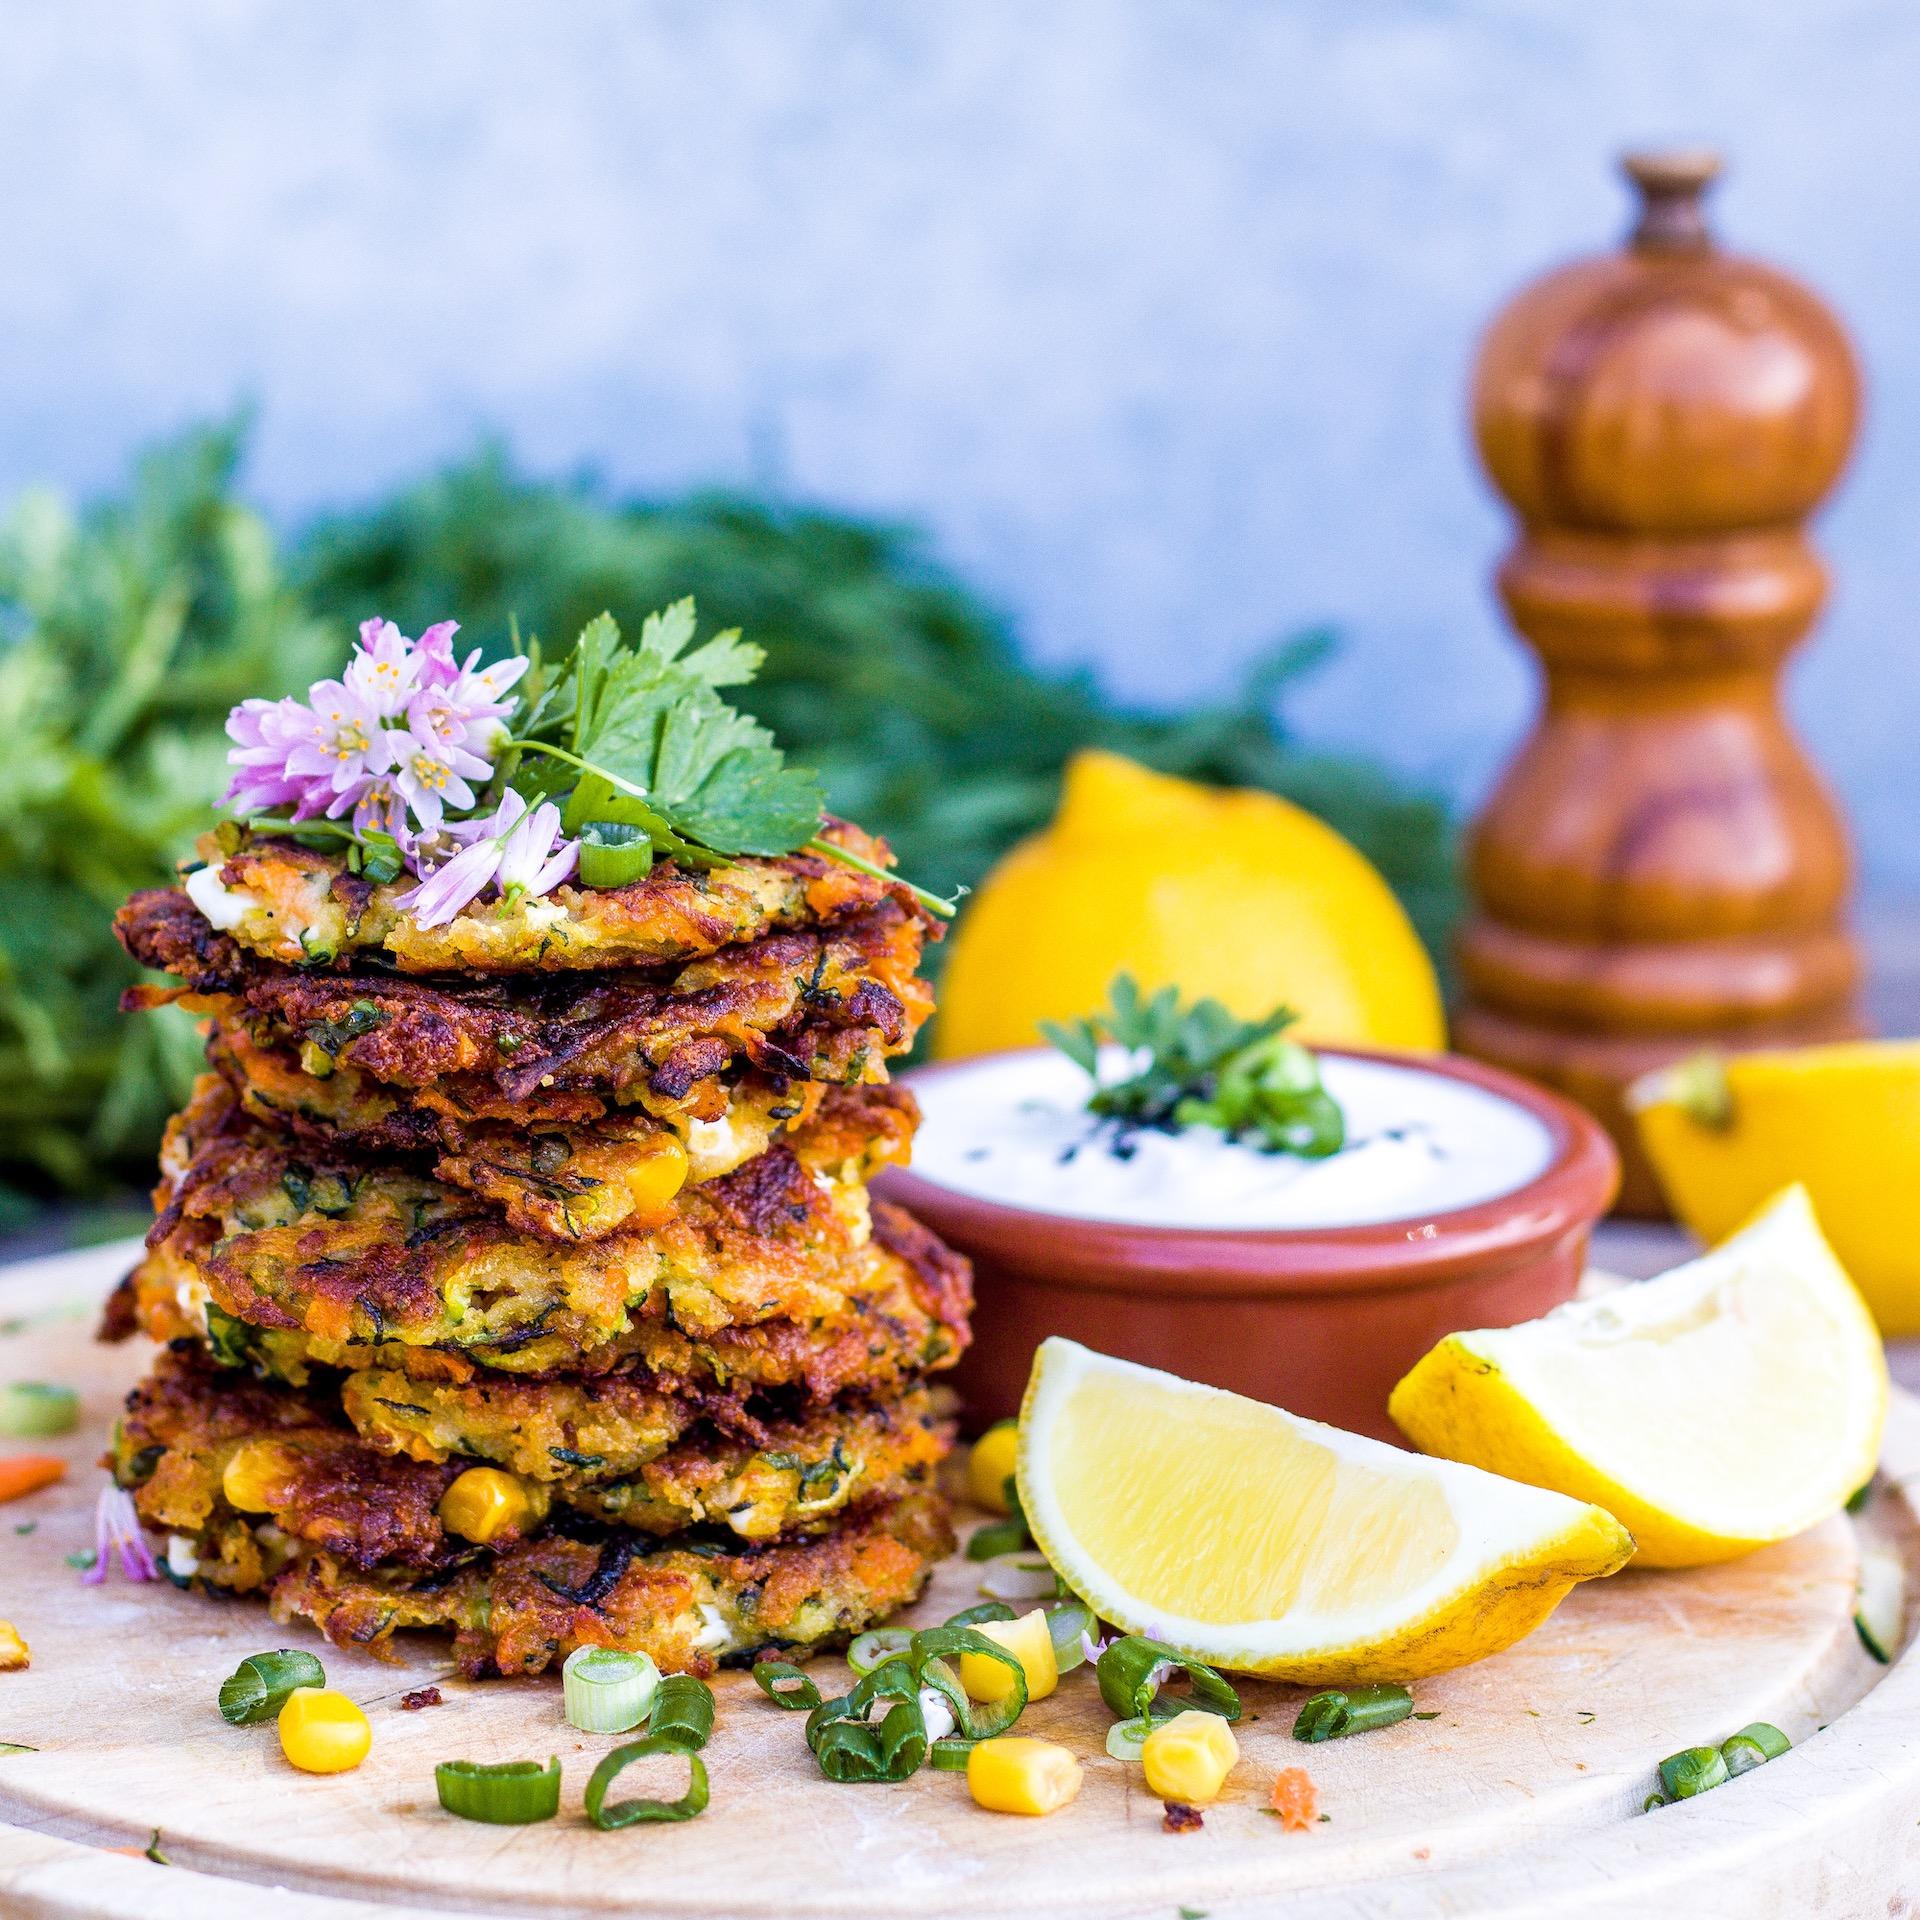 Schnelle und einfache Reibekuchen aus Zucchini, Karotten, Mais und Feta. Super lecker mit etwas Zitrone und Tsatziki. #fritter #vegetarisch #zucchini #gemüsepuffer #reibekuchen